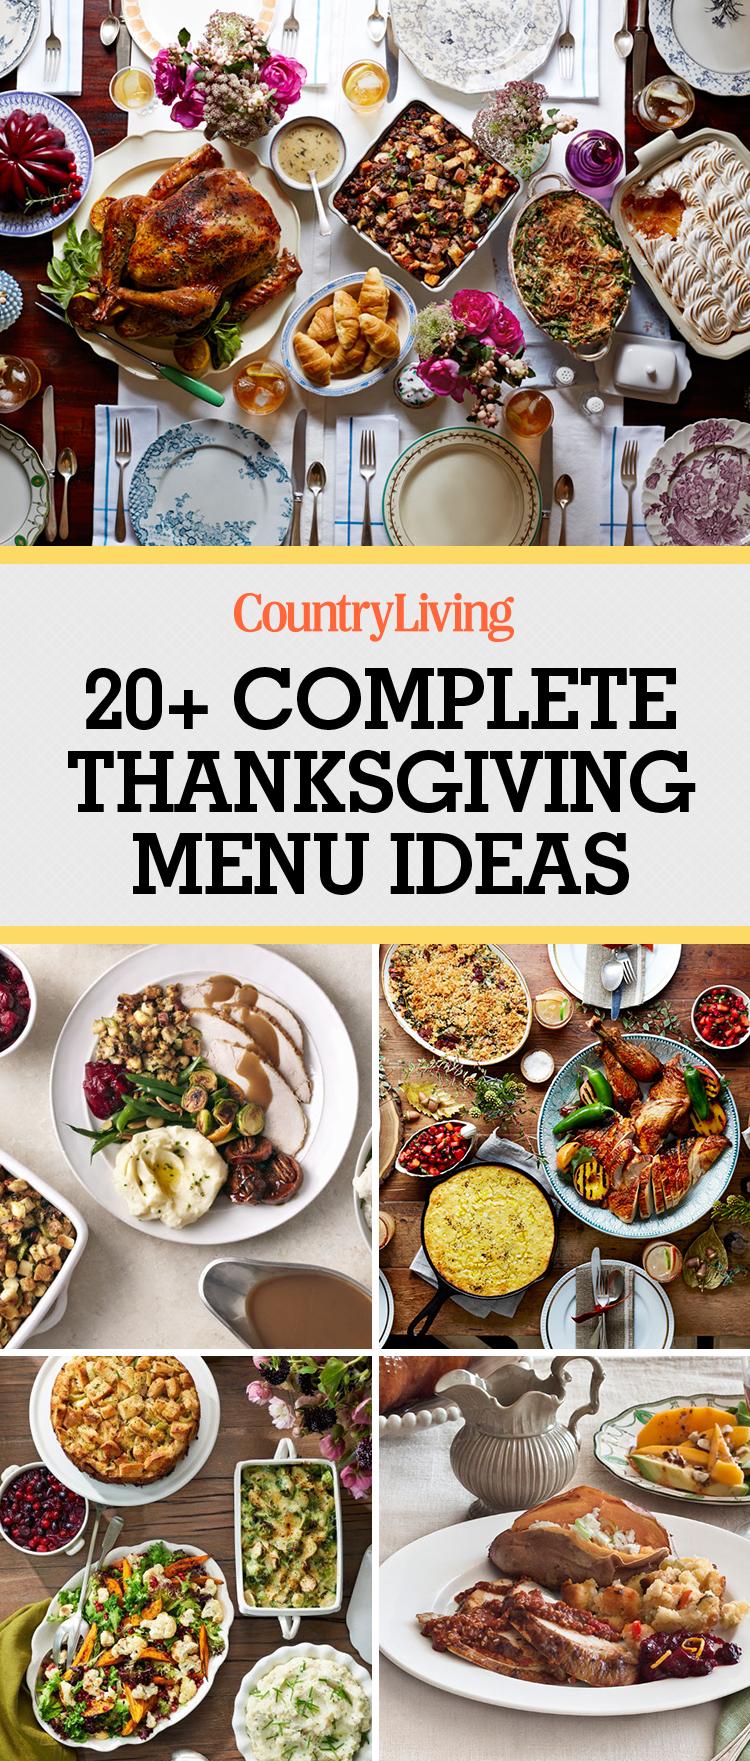 Thanksgiving menu ideas dinner recipes